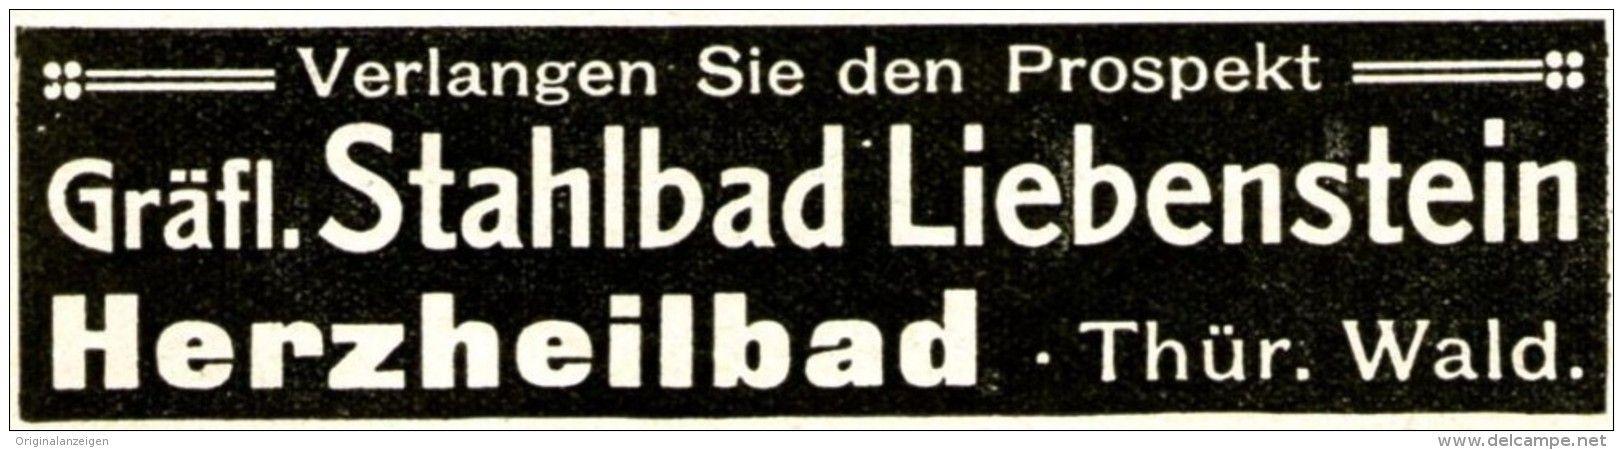 Original-Werbung/ Anzeige 1916 - GRÄFLICHES STAHLBAD LIEBENSTEIN - ca. 90 x 25 mm